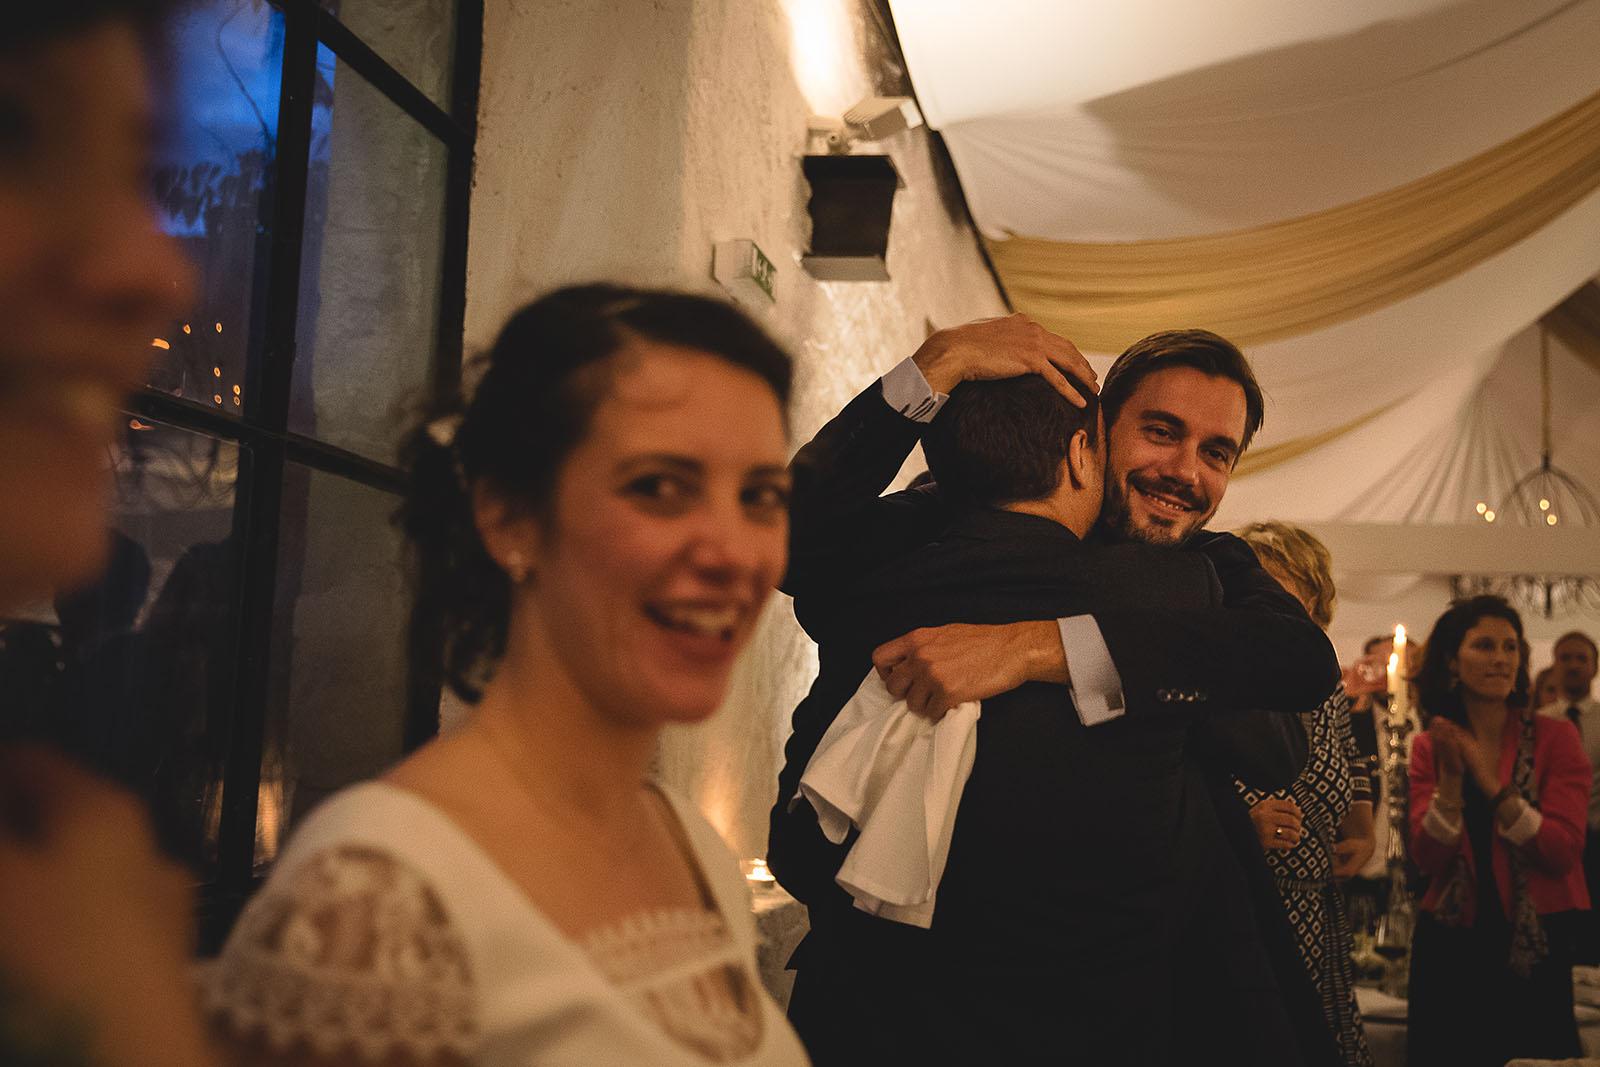 Mariage Château de Beauvoir. Emotion et tendresse du marié avec son témoin. David Pommier photographe de mariage Château de Beauvoir